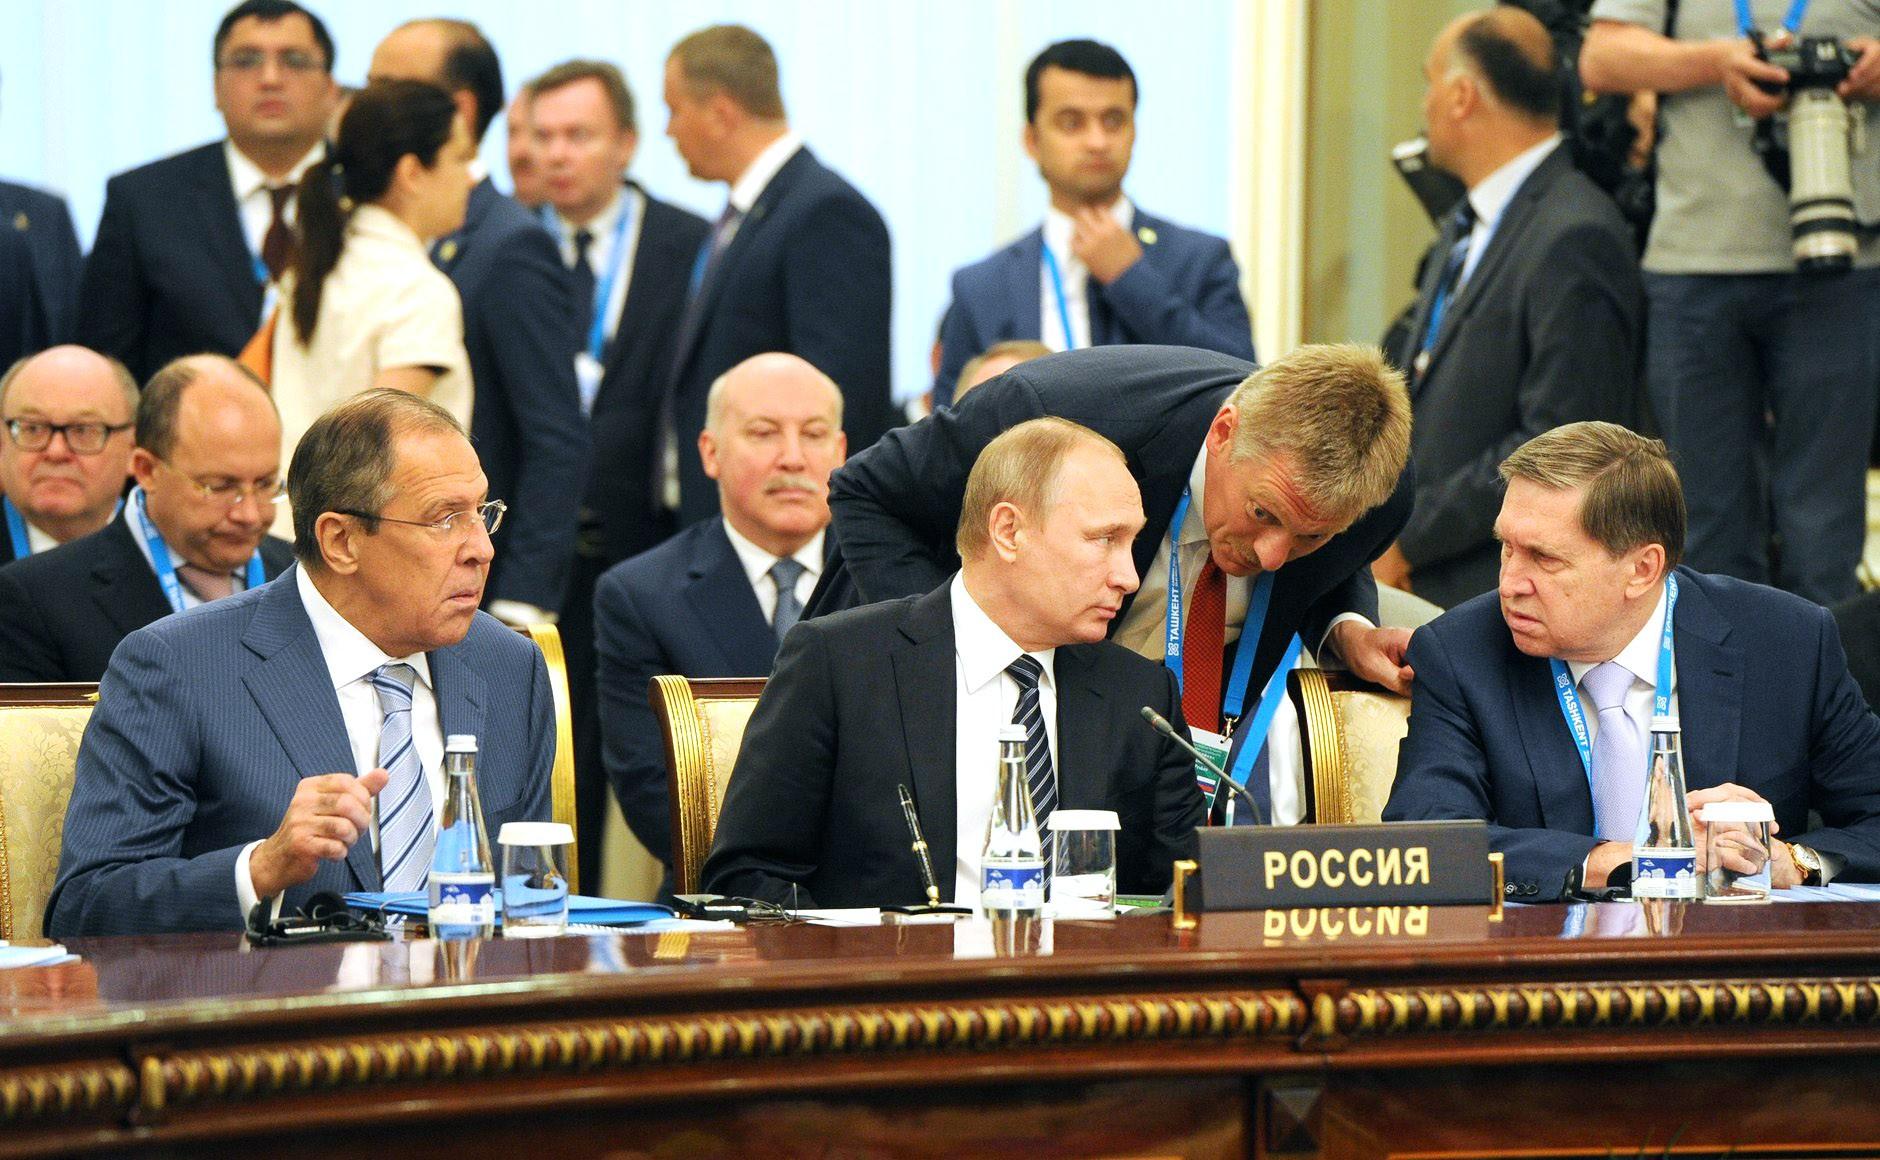 Президент России Владимир Путин во время заседания в Ташкенте Совета глав государств-членов Шанхайской организации сотрудничества (ШОС)